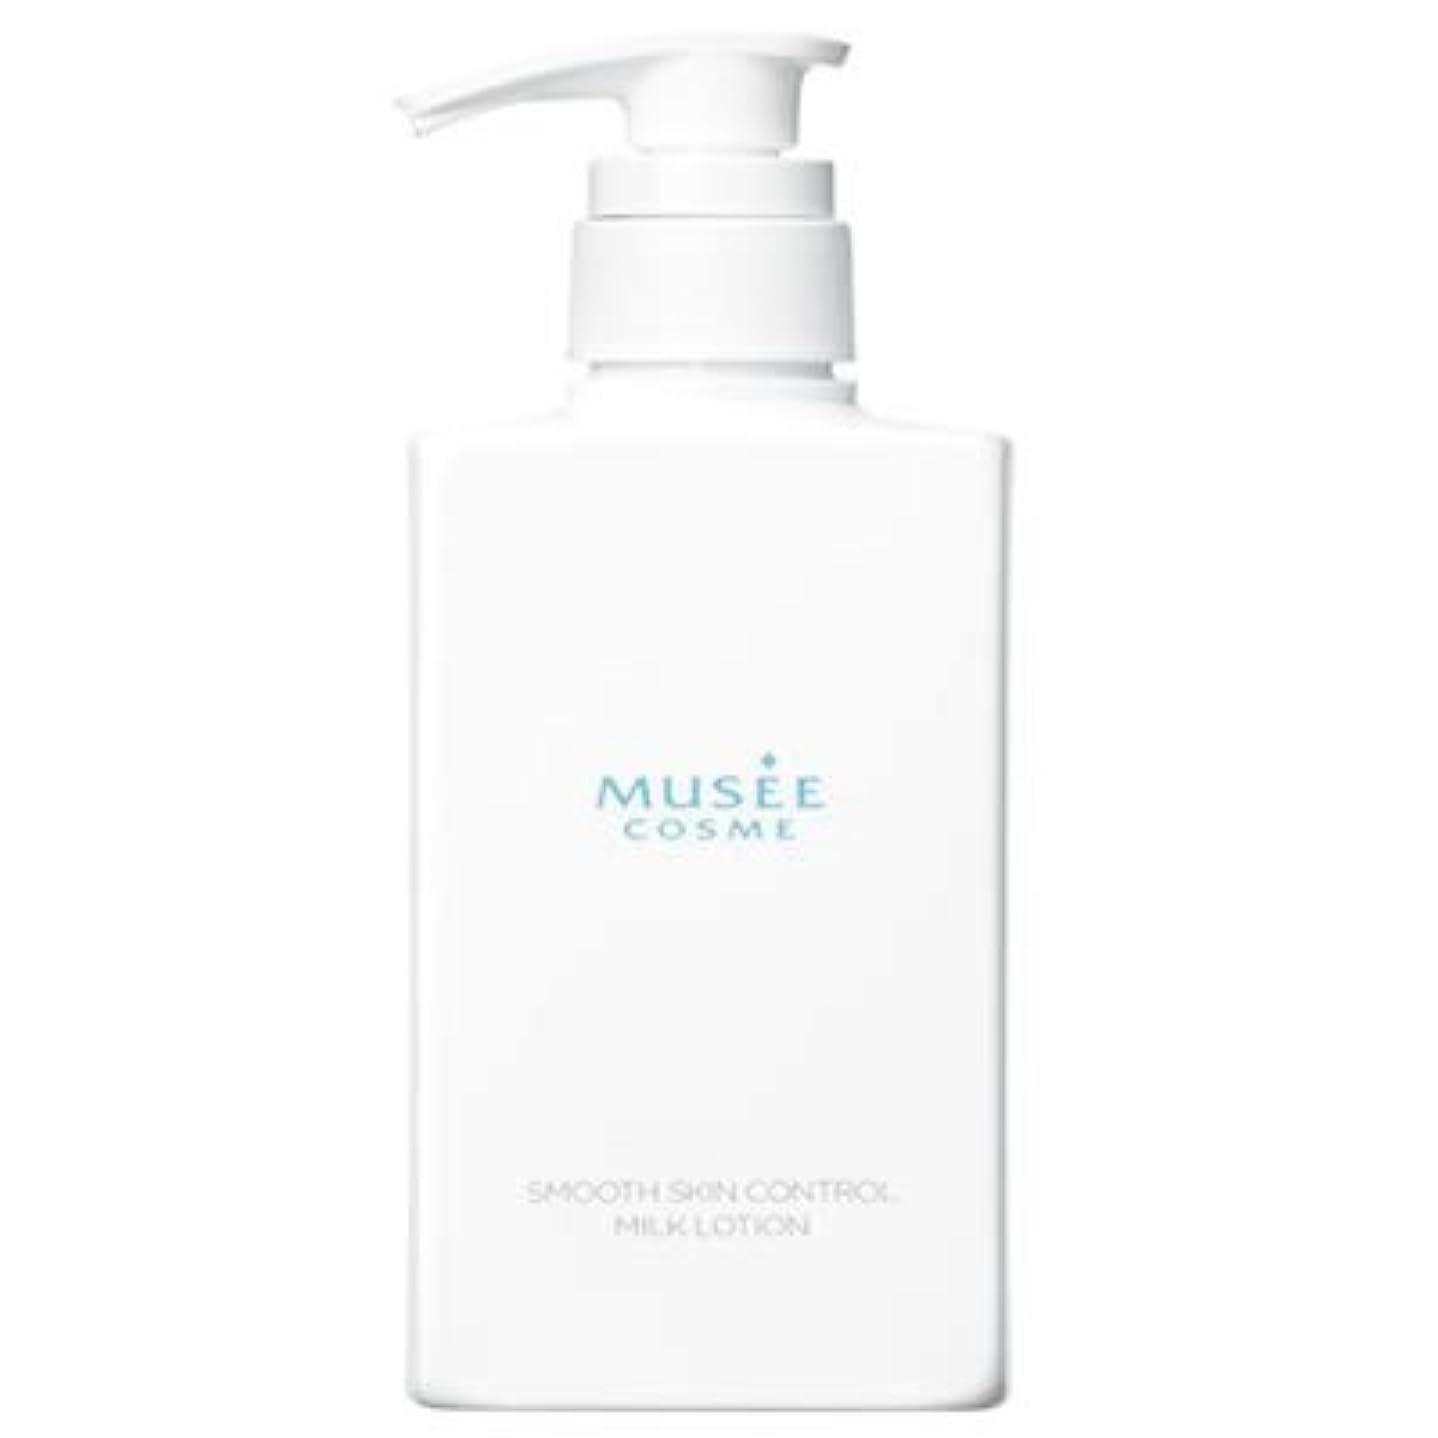 低い新年宣言ミュゼ 薬用スムーススキンコントロールミルクローション 300ml スイートイランイランの香り